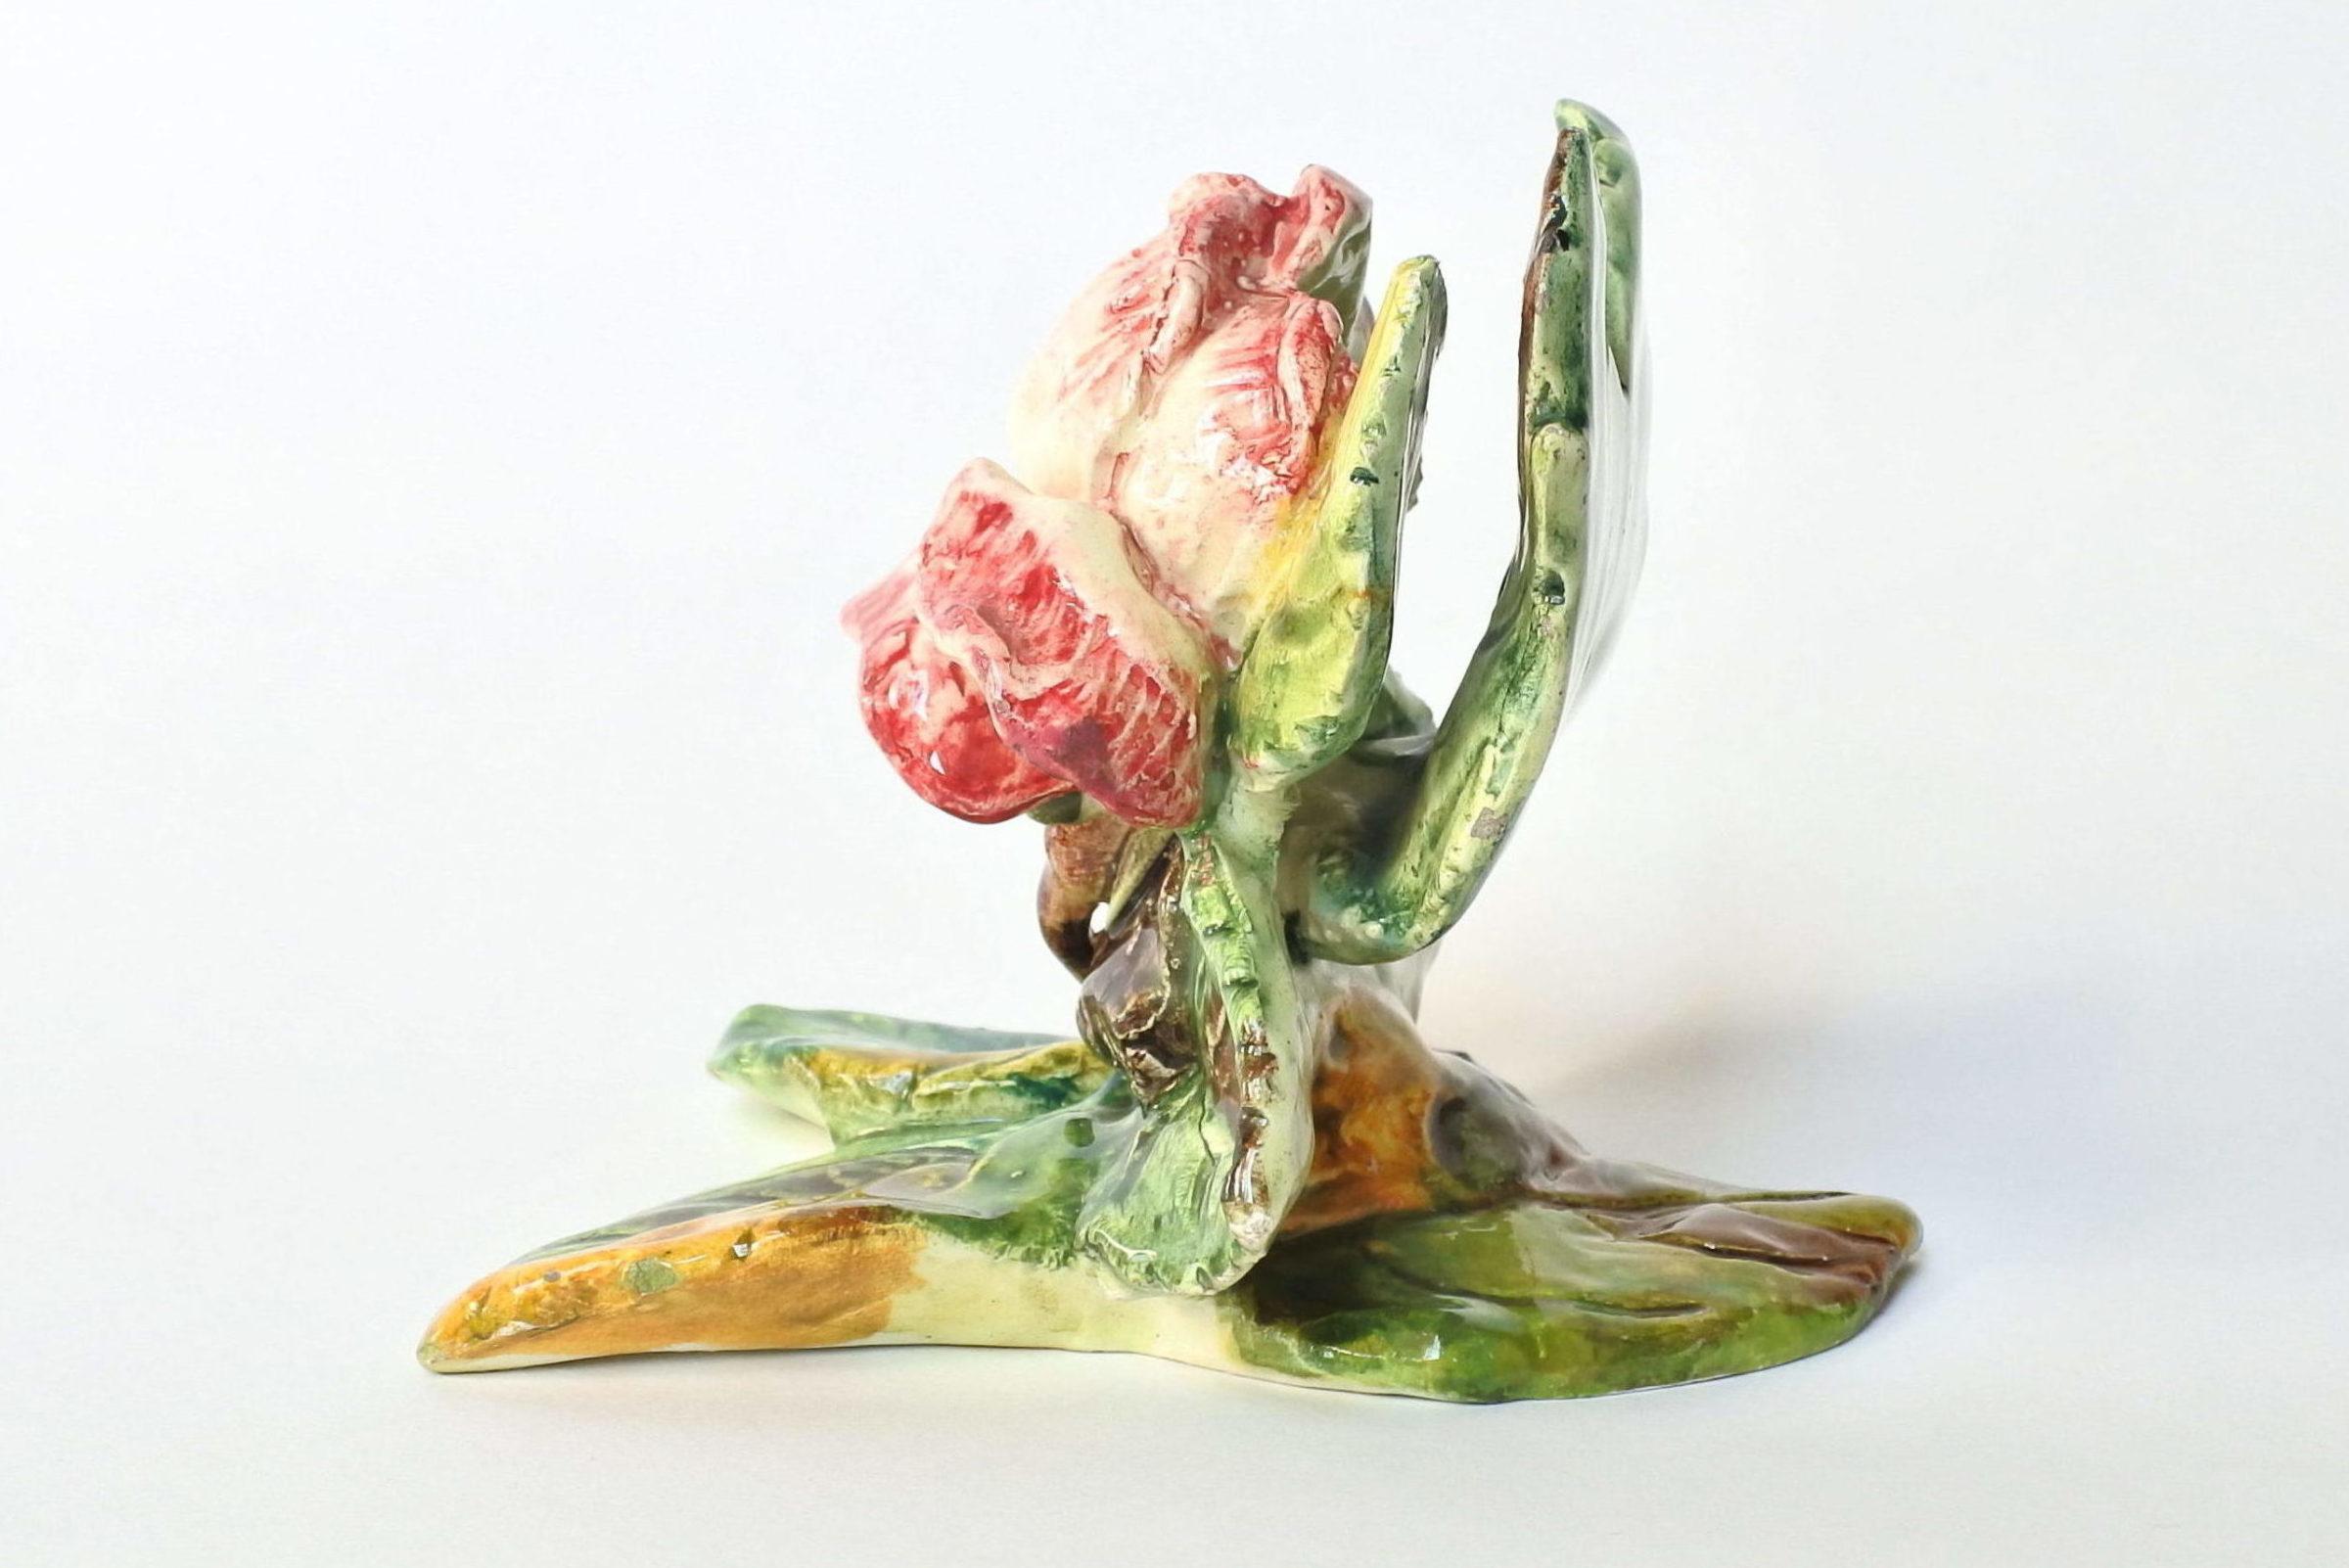 Porta menu o segnaposto in ceramica barbotine a forma di rosa - Massier - 2